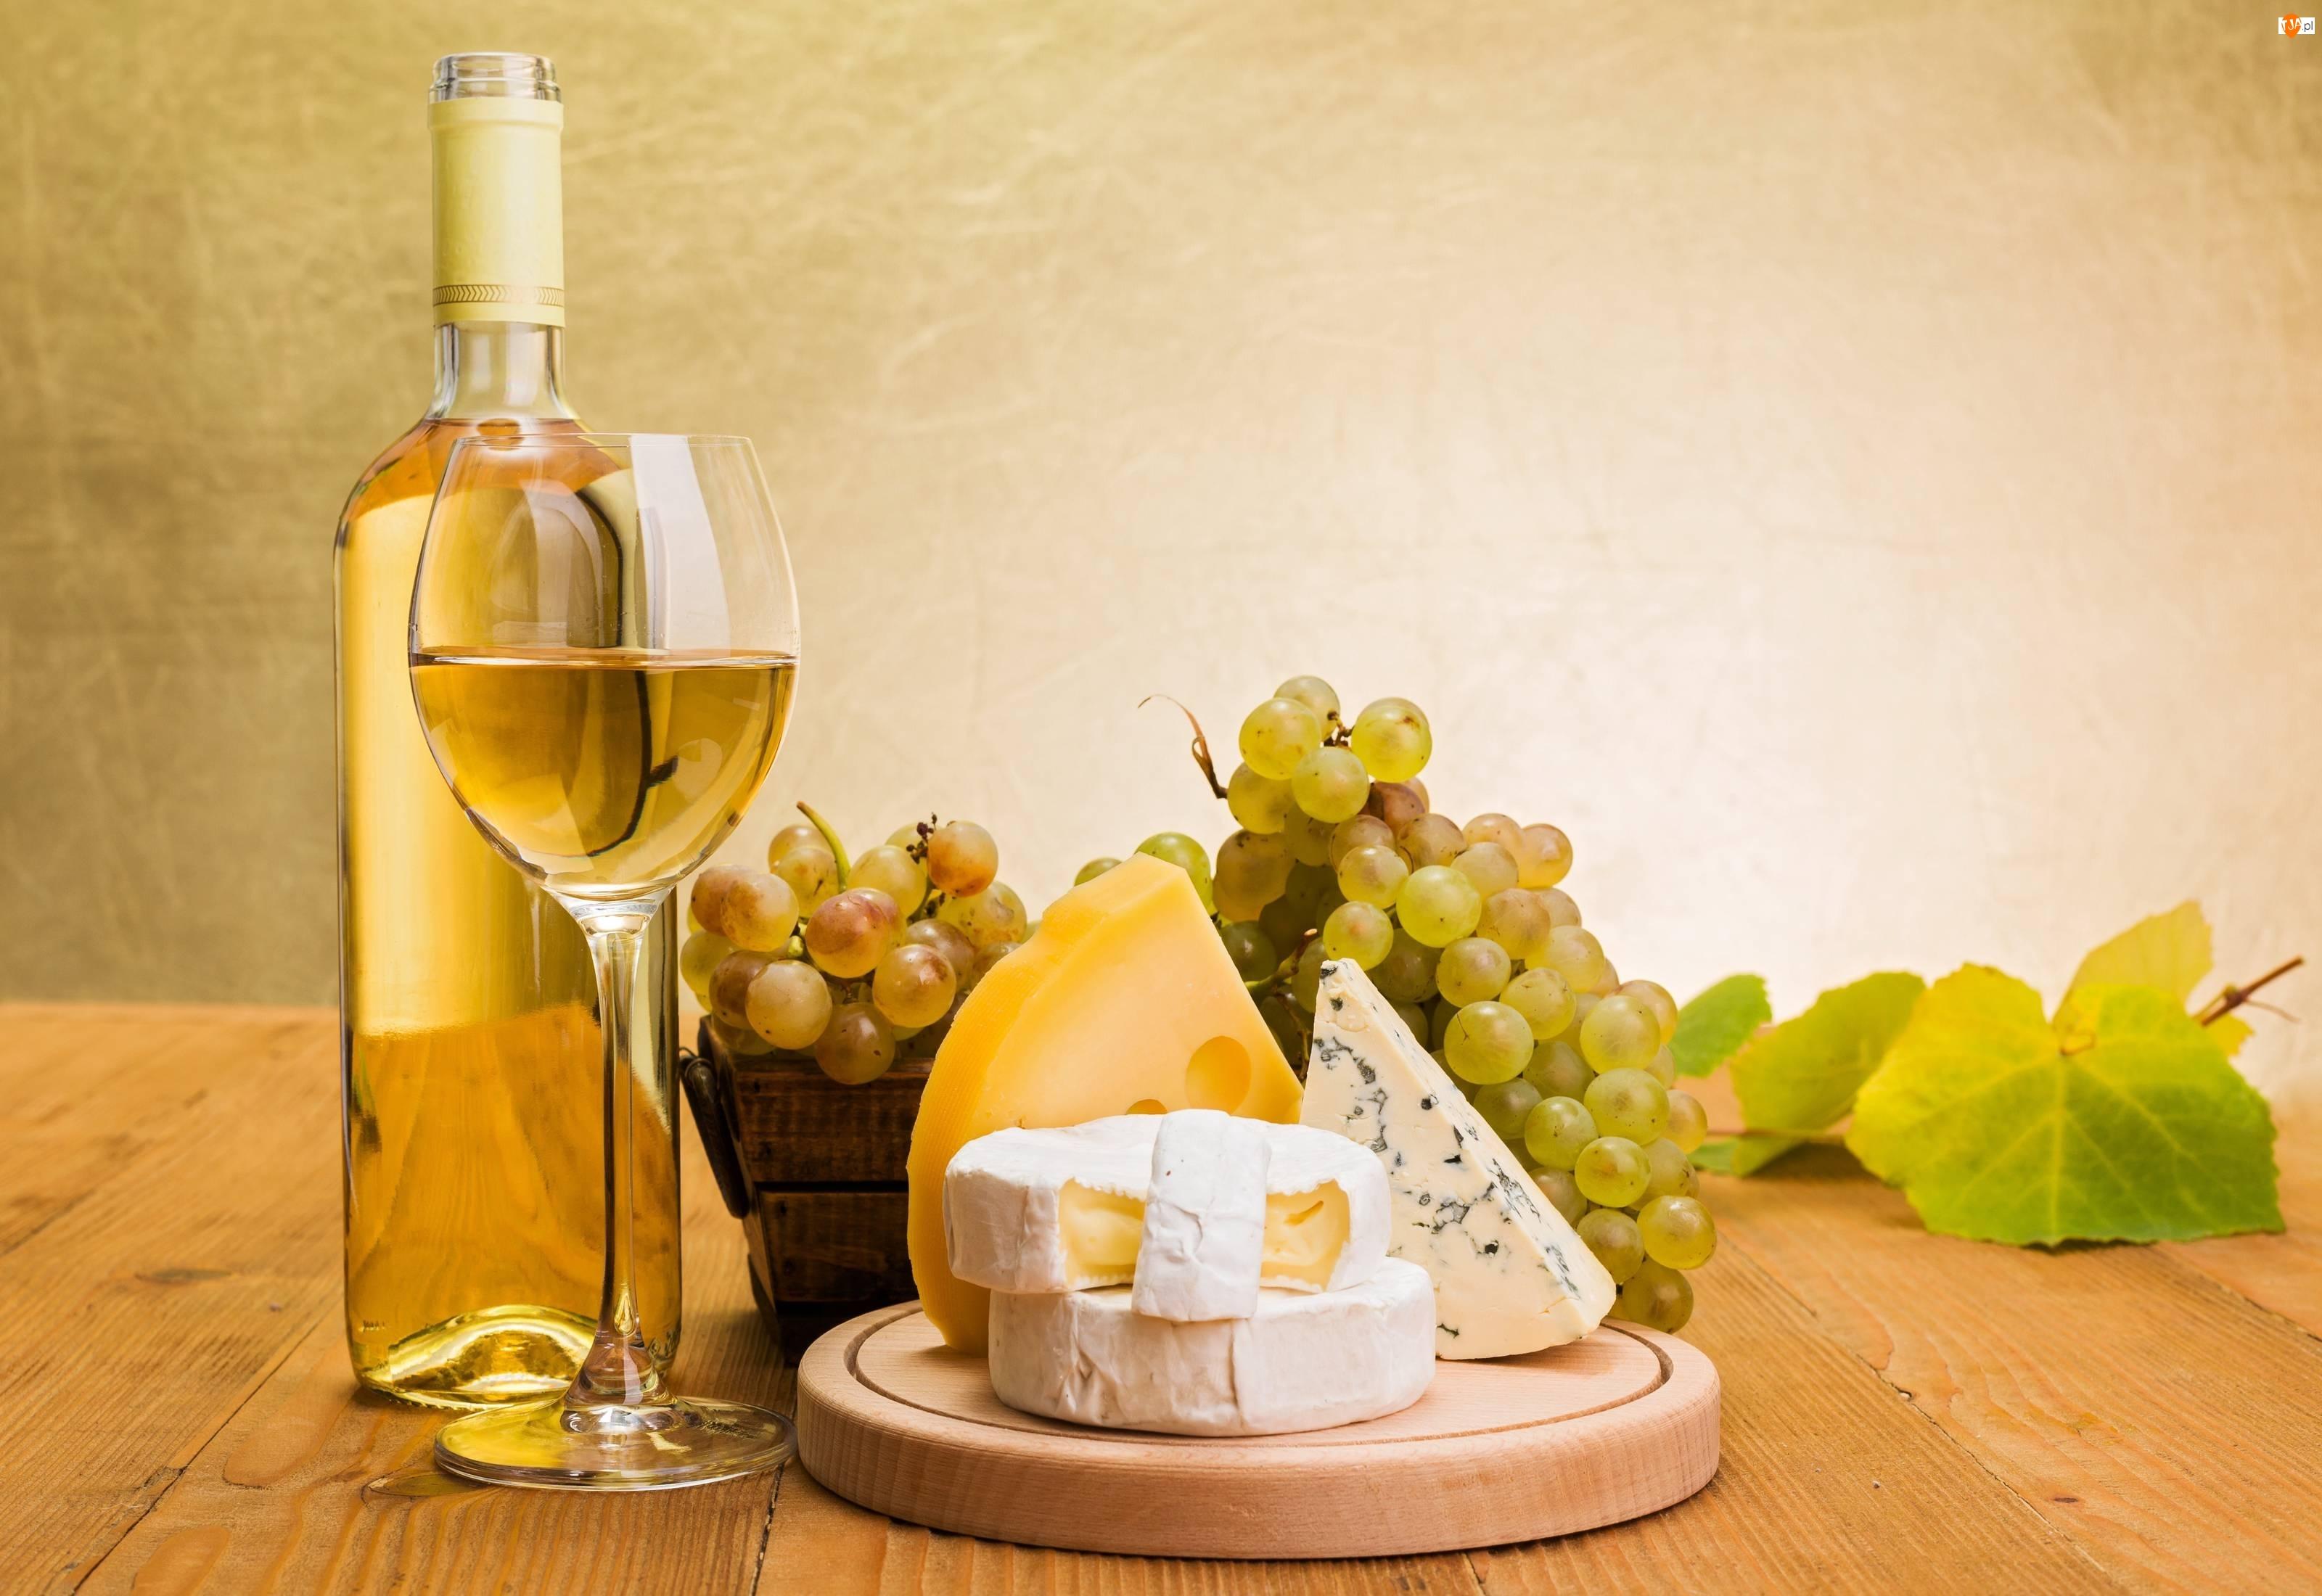 Kompozycja, Sery, Wino, Winogrono